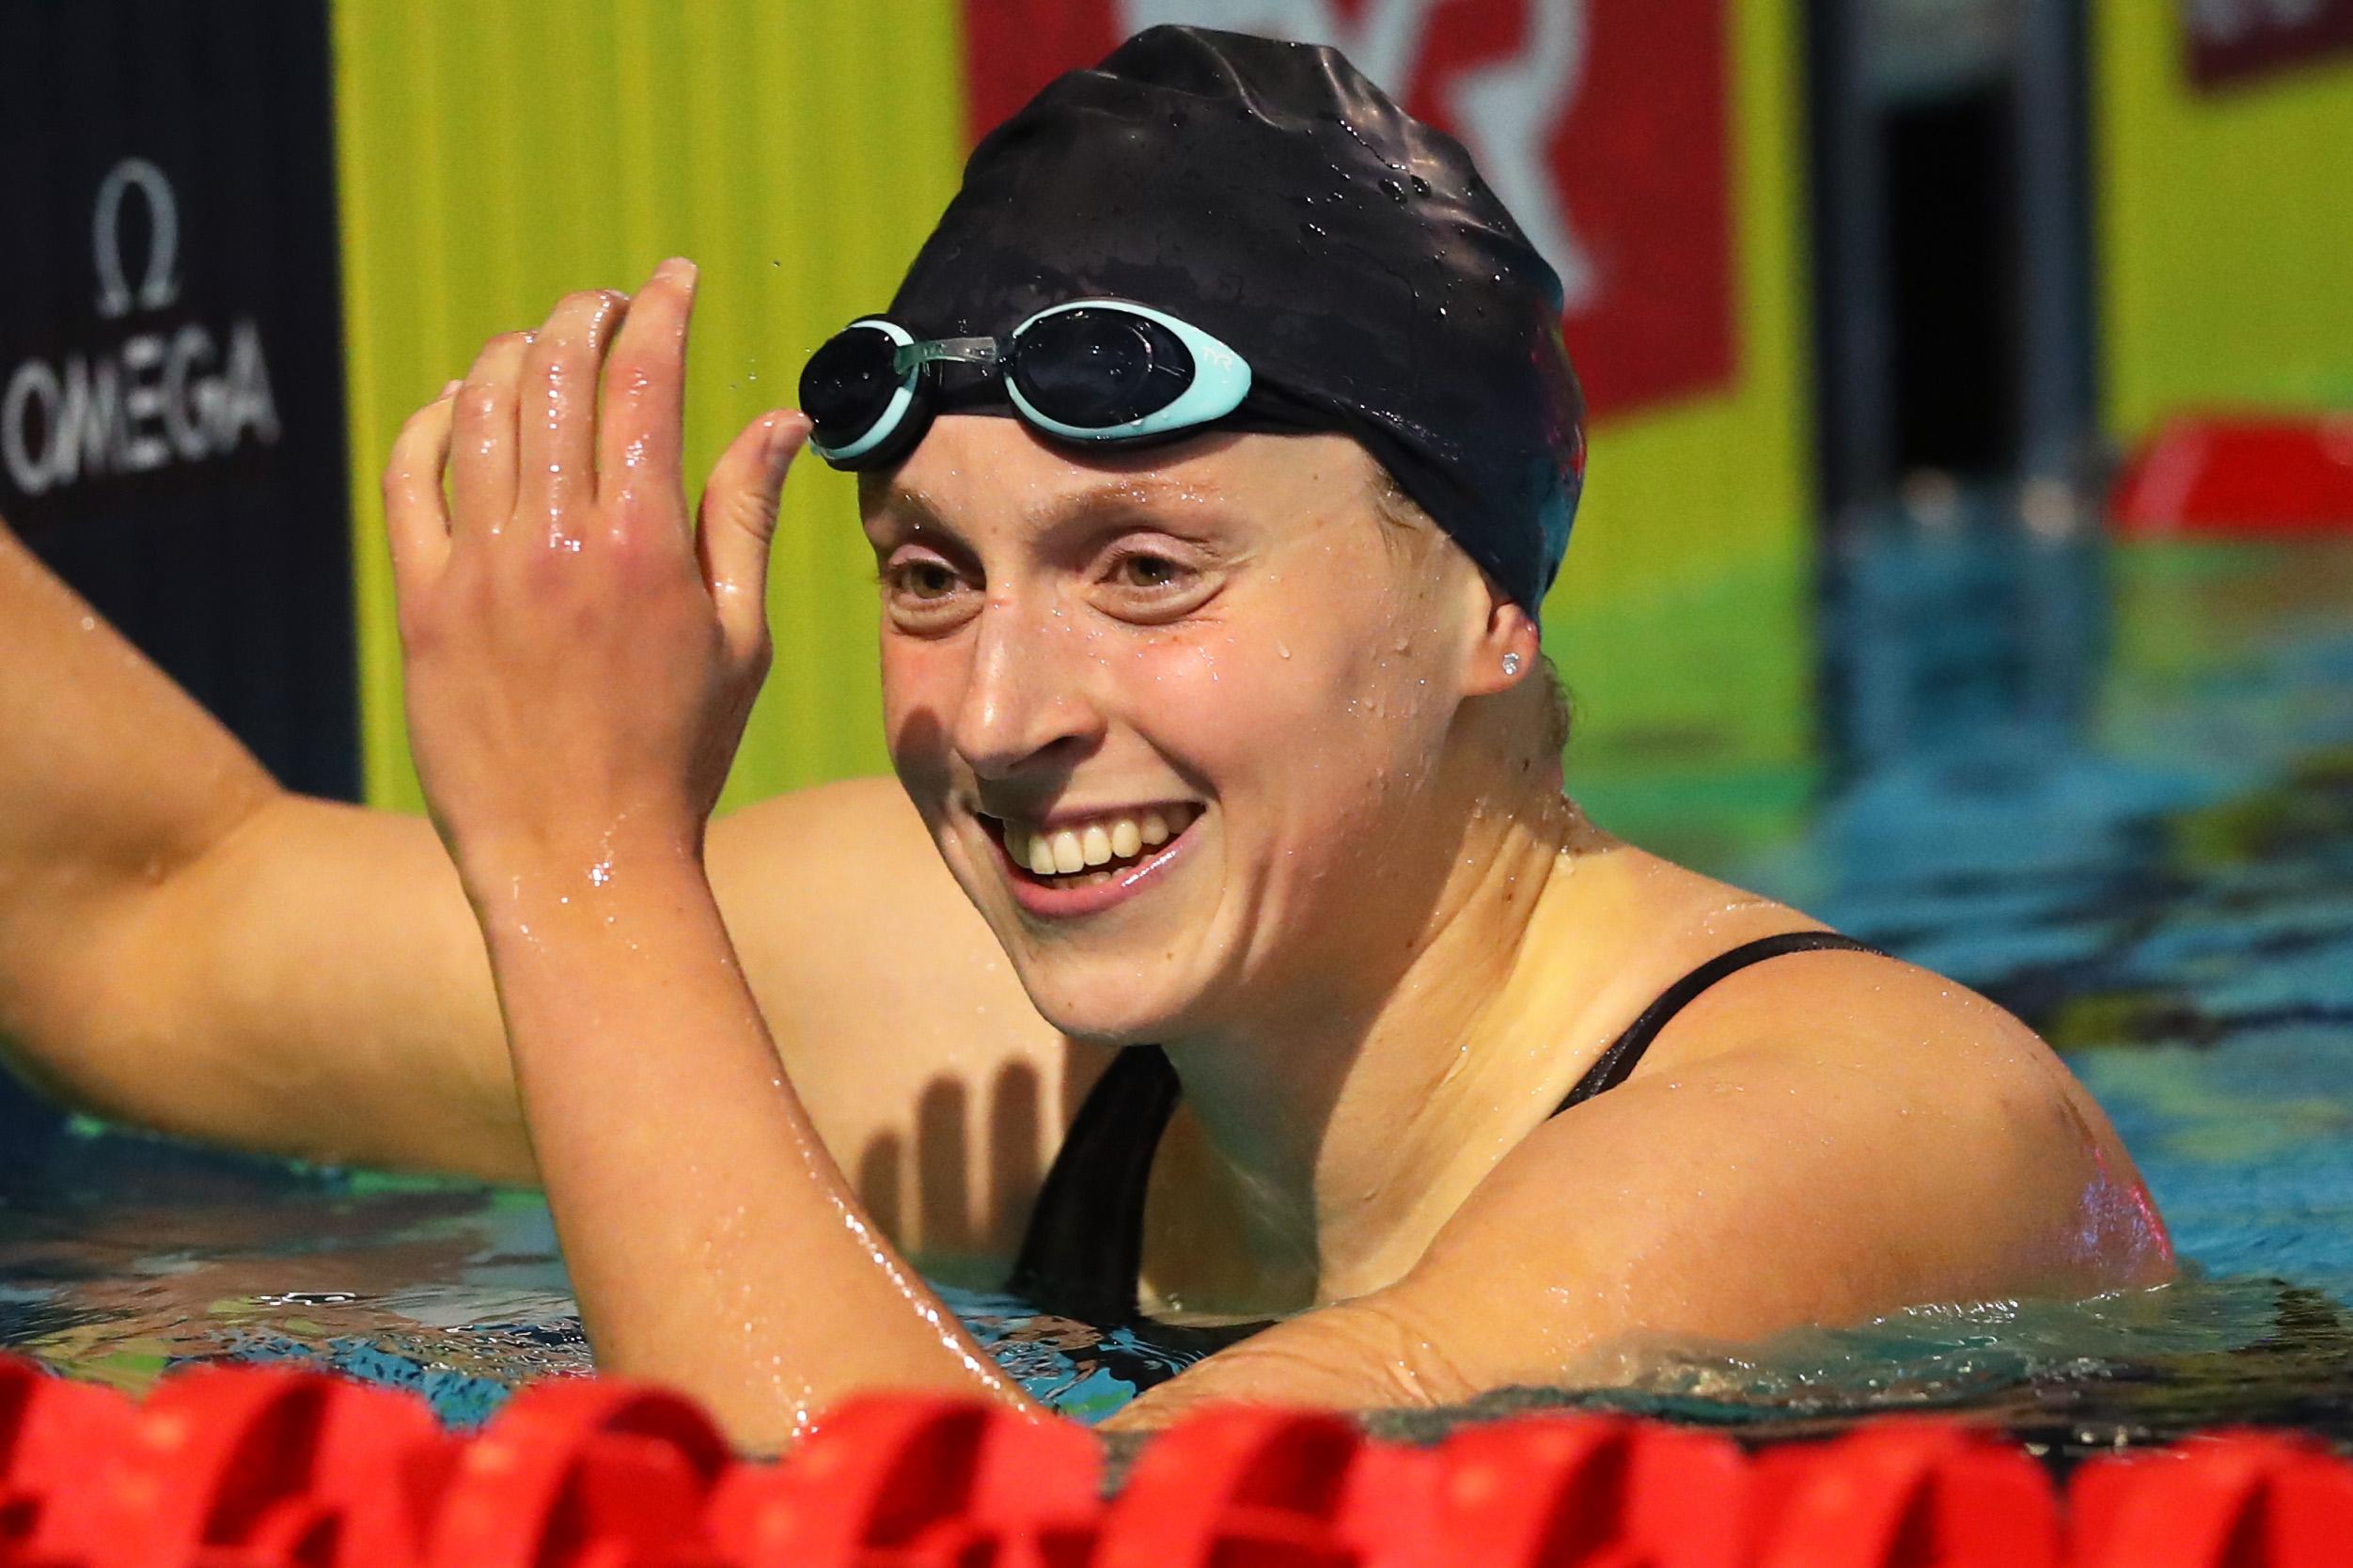 Olympic swimmer Katie Ledecky